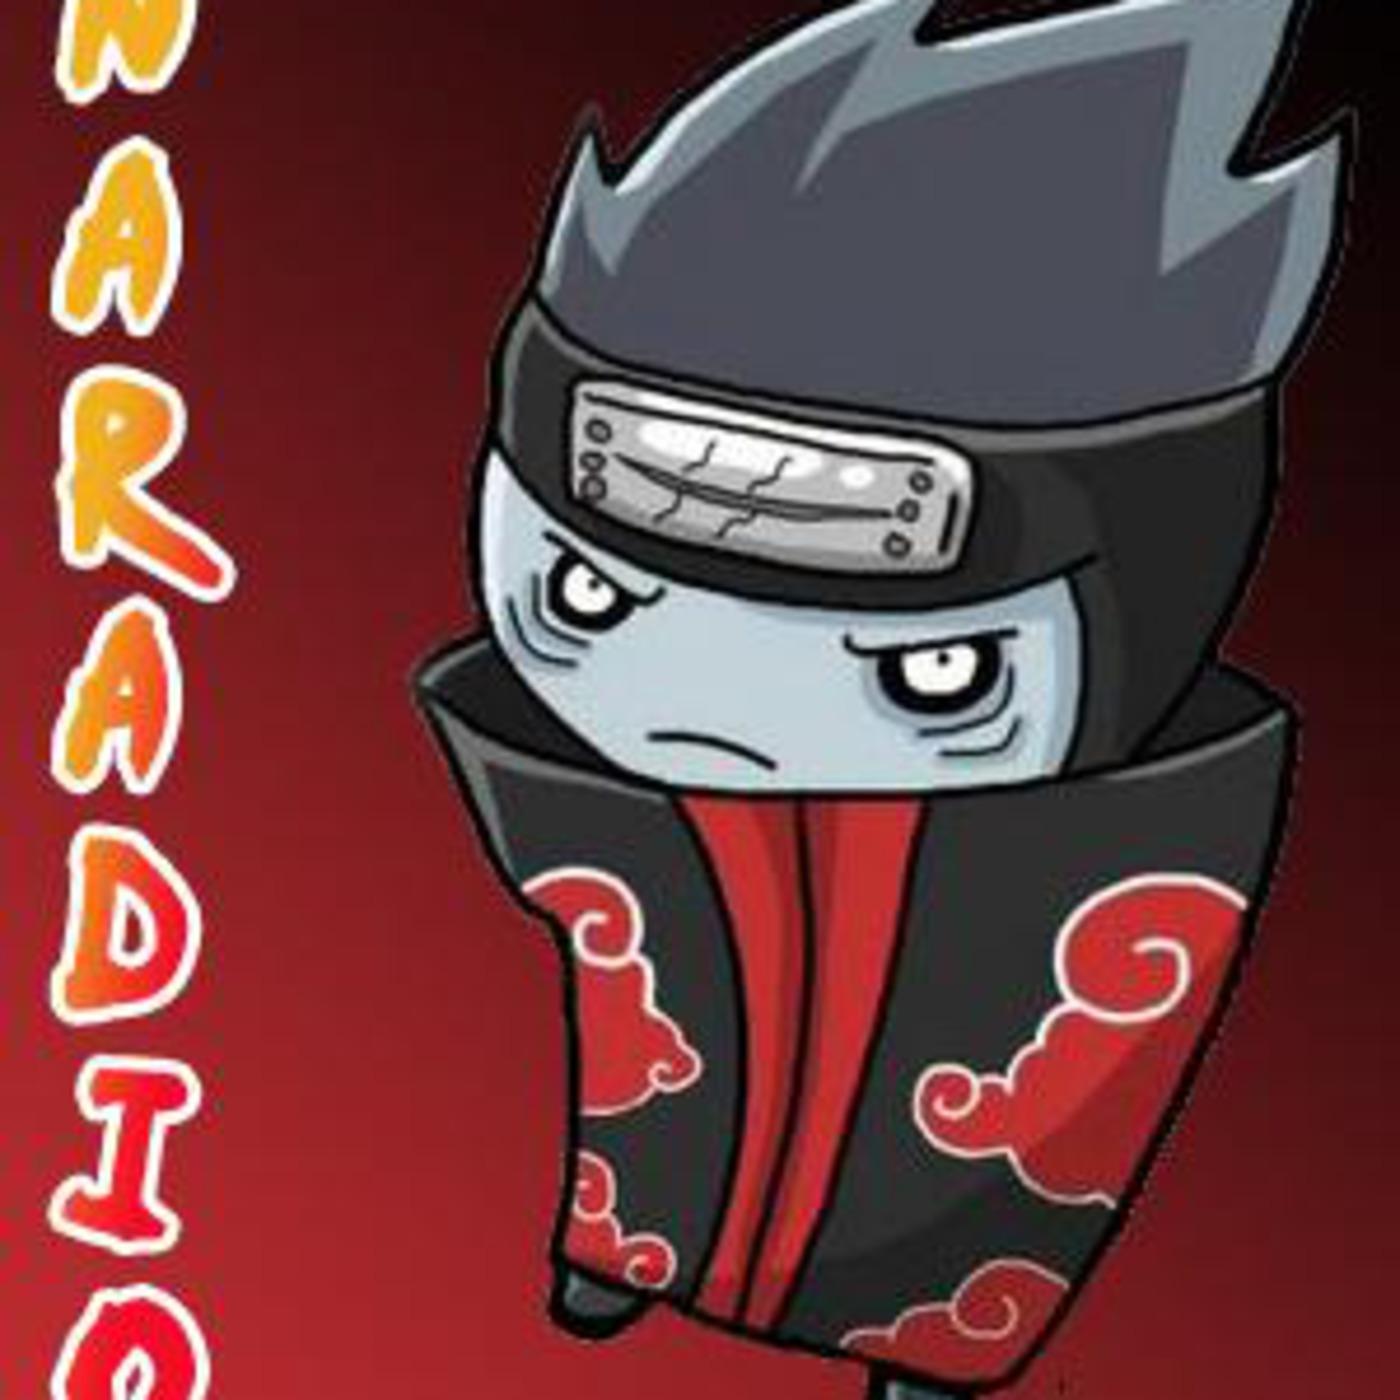 Naradio Episode 3 Naradio's podcast